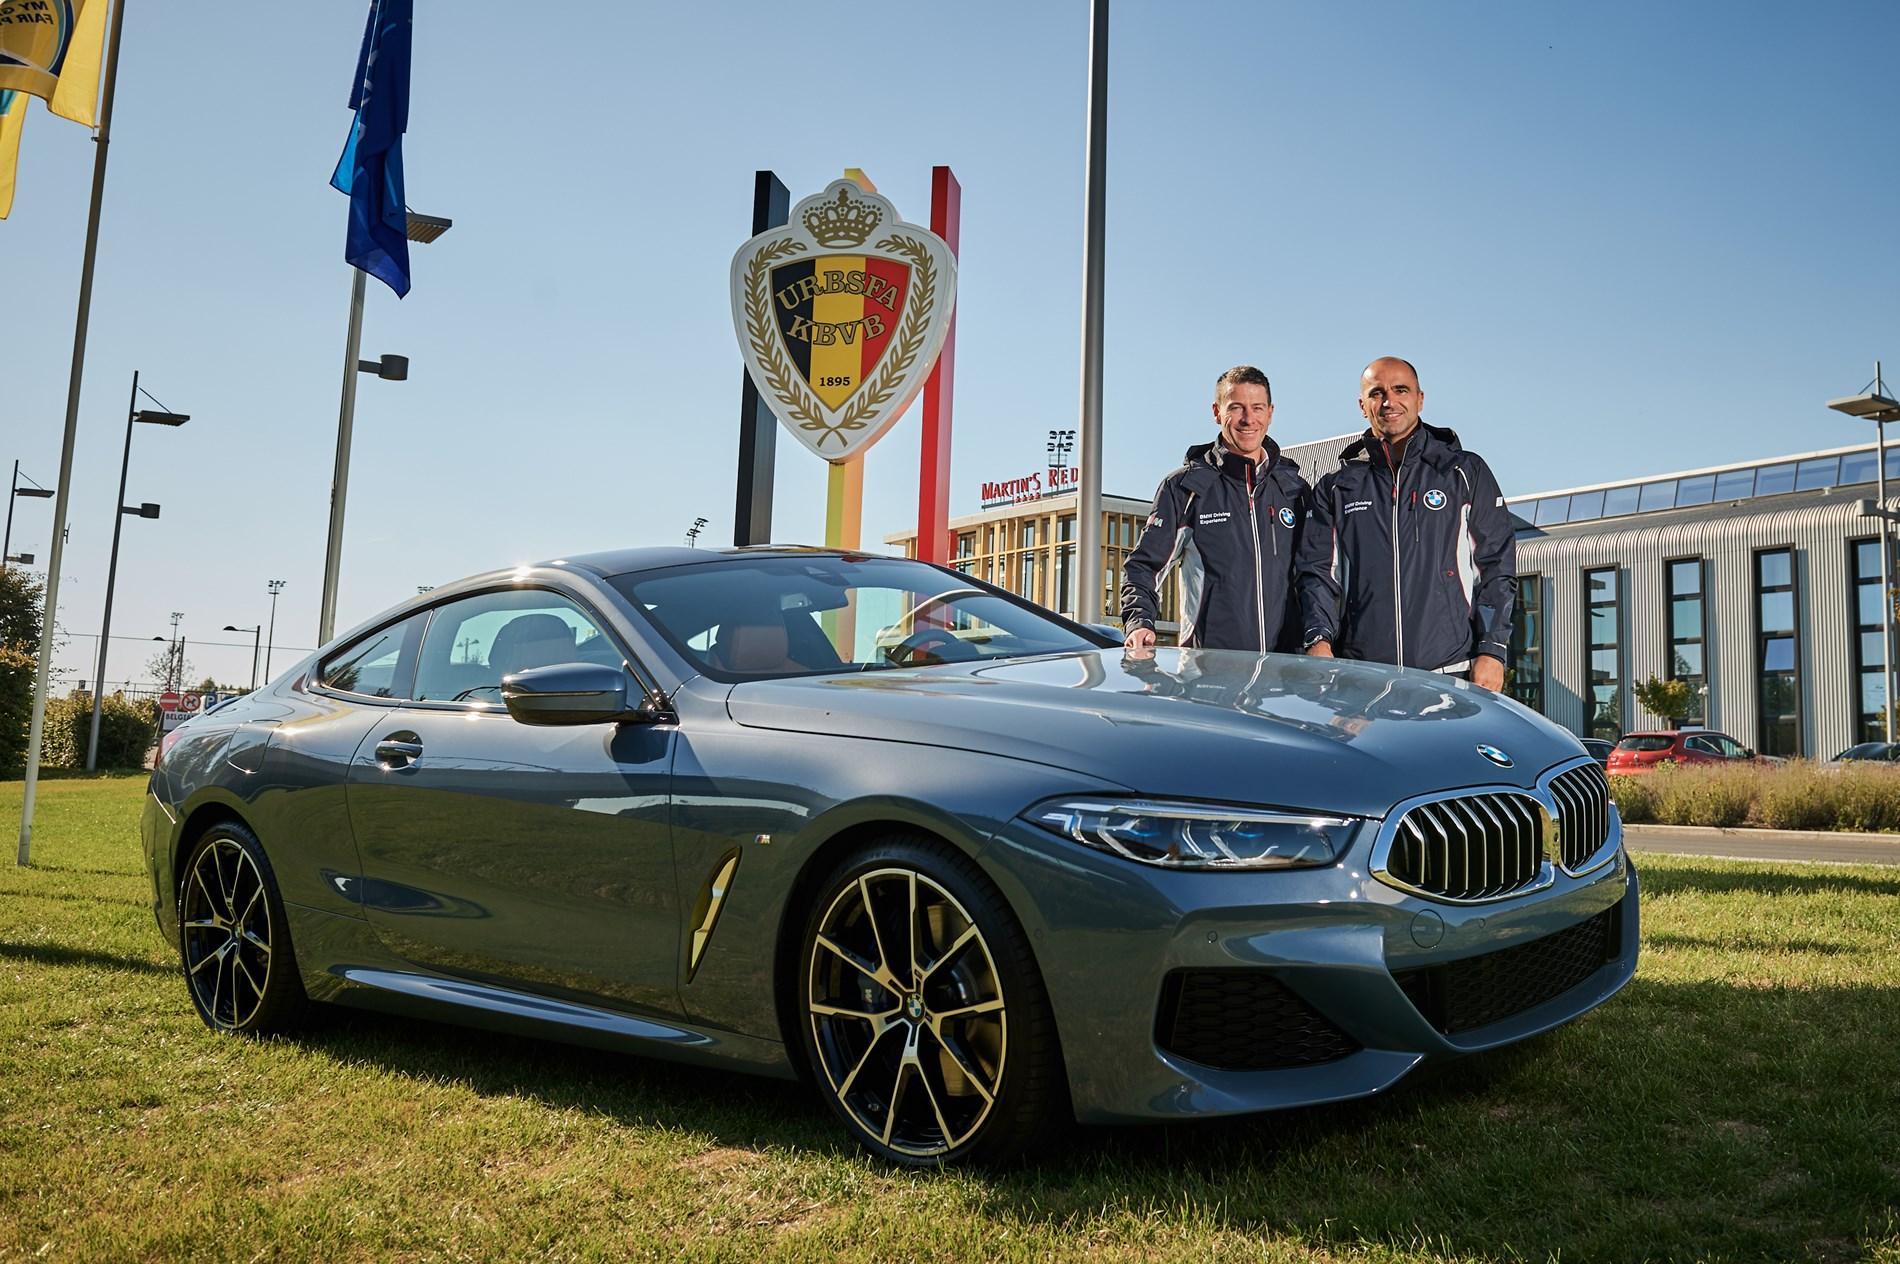 De nieuwe BMW 8 Reeks met Roberto Martinez, bondscoach van de Rode Duivels, én de BMW 507 van Elvis Presley worden de blikvangers van de Zoute Grand Prix 2018.